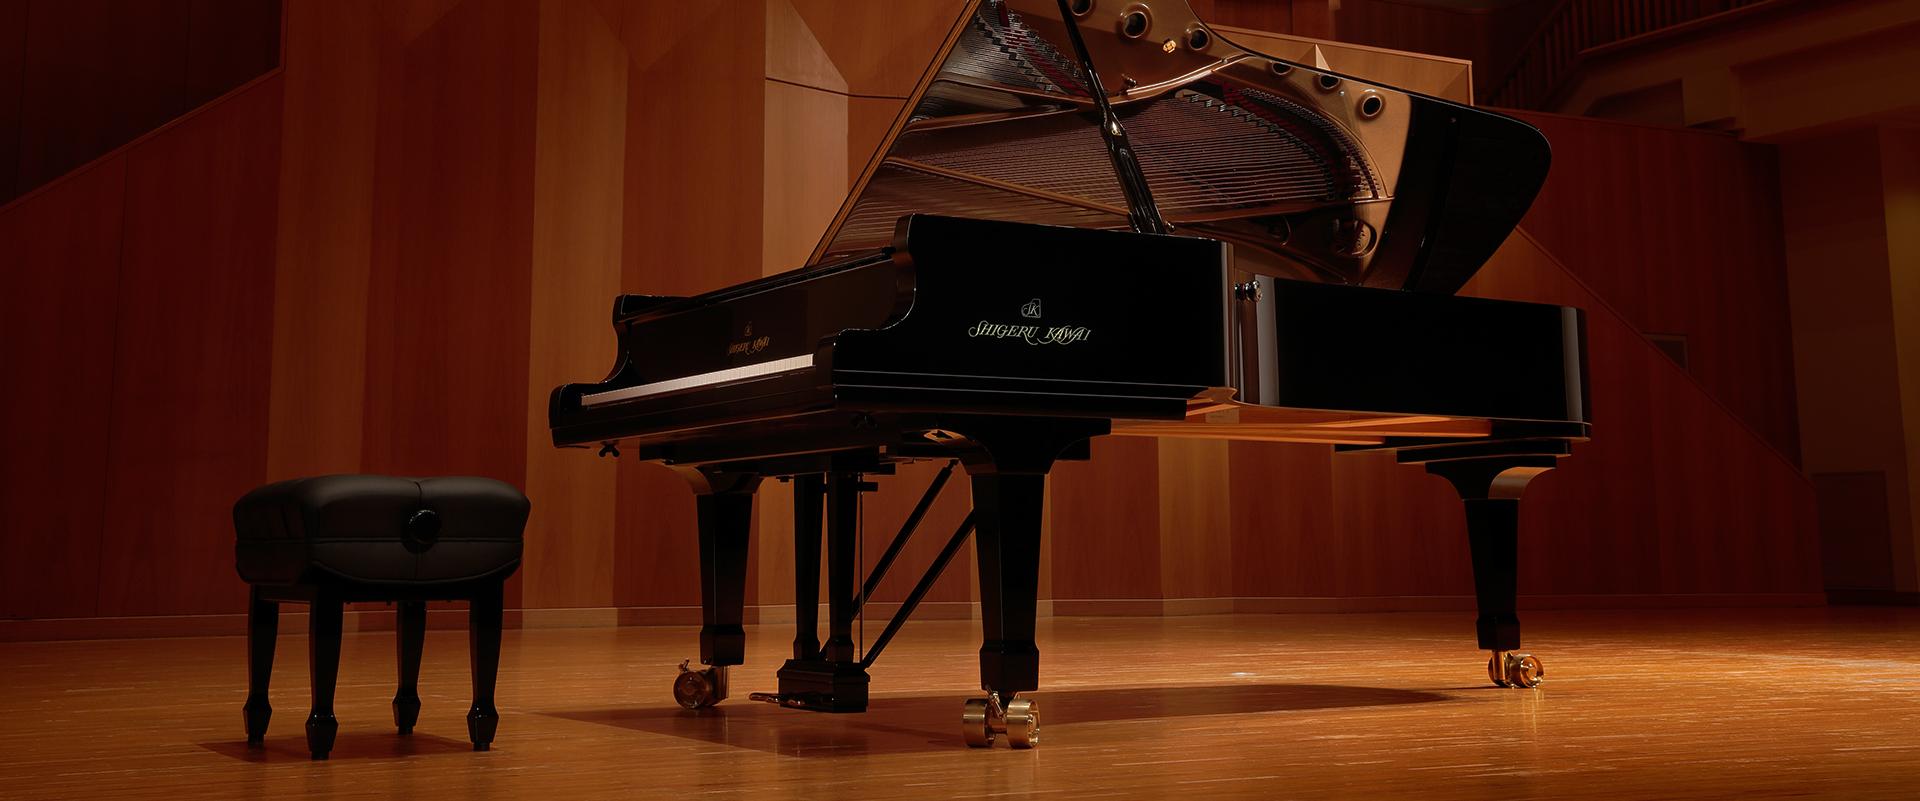 Không phải ngẫu nhiên mà những cây đàn grand piano Shigeru Kawai SK-series thường xuyên hiện diện trong các phòng hòa nhạc nổi tiếng thế giới hay được các cuộc thi piano quốc tế chọn làm giải thưởng danh giá.